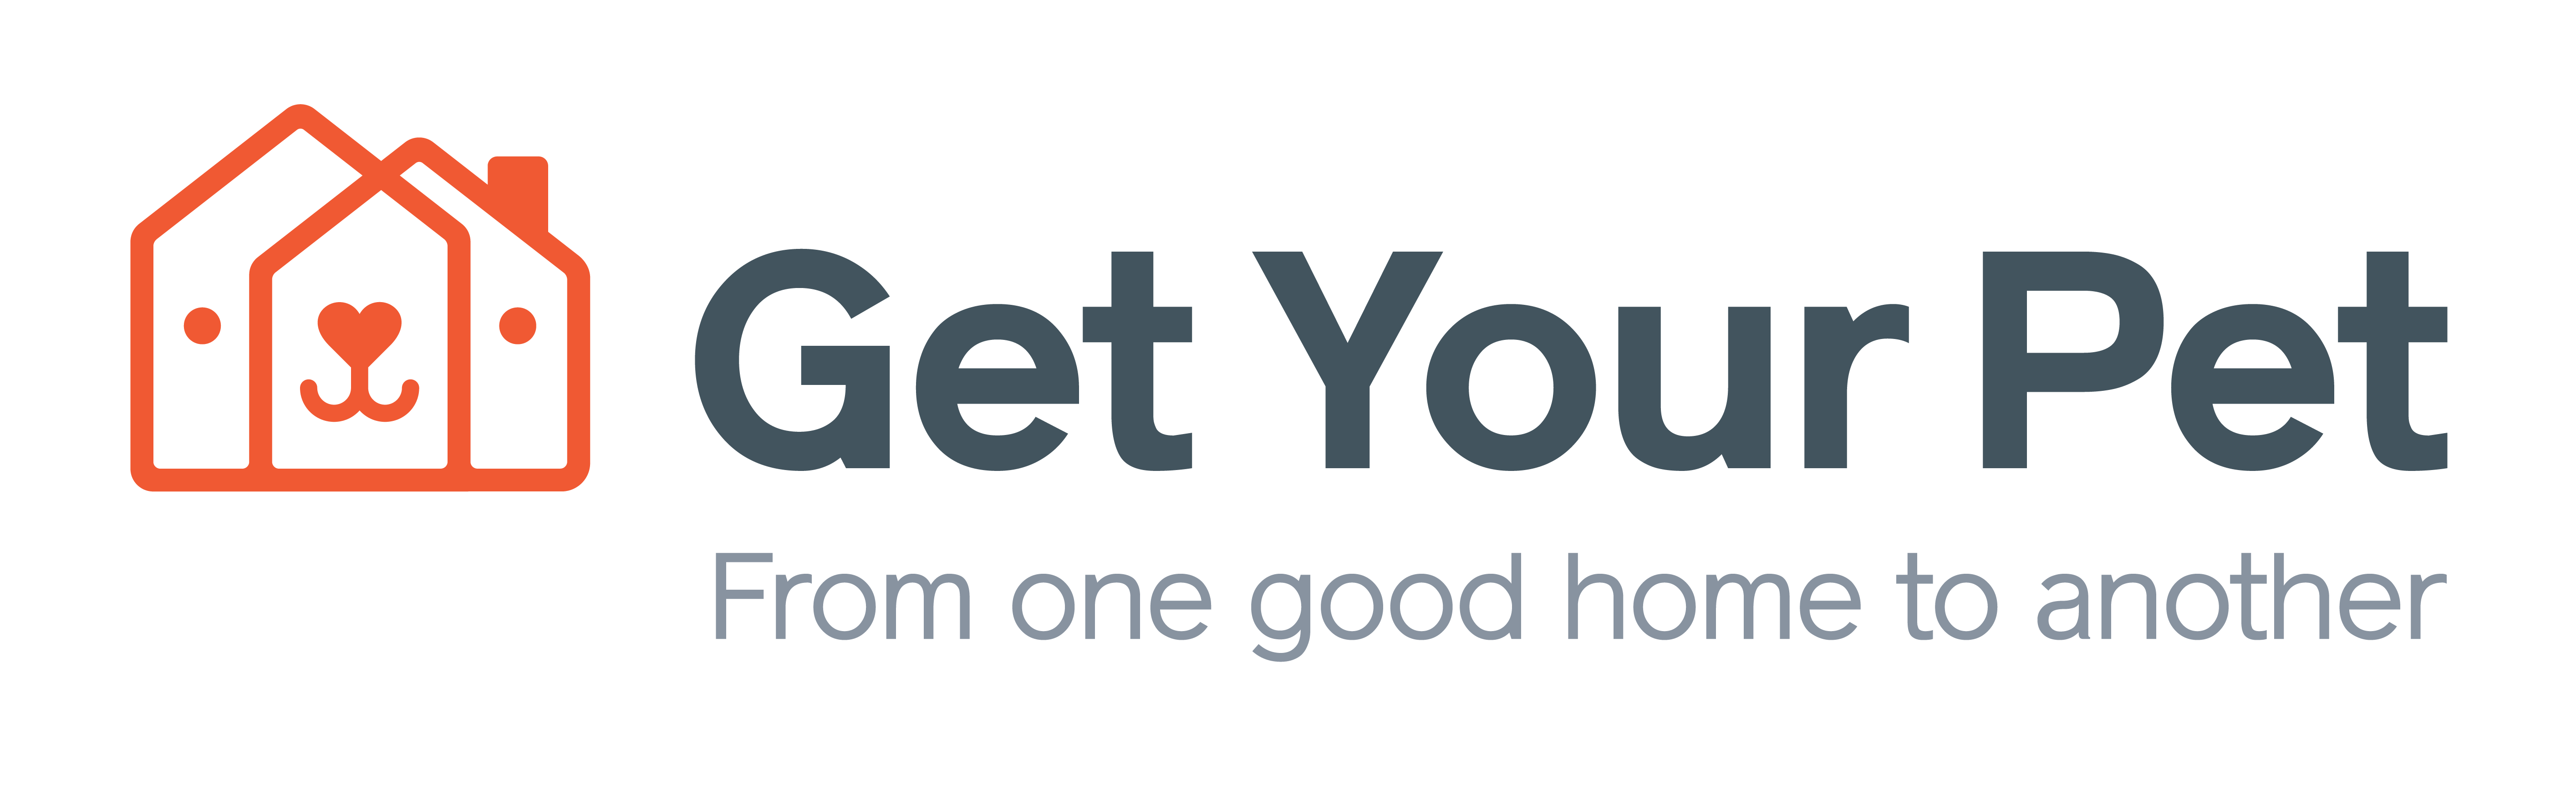 Get Your Pet Logo